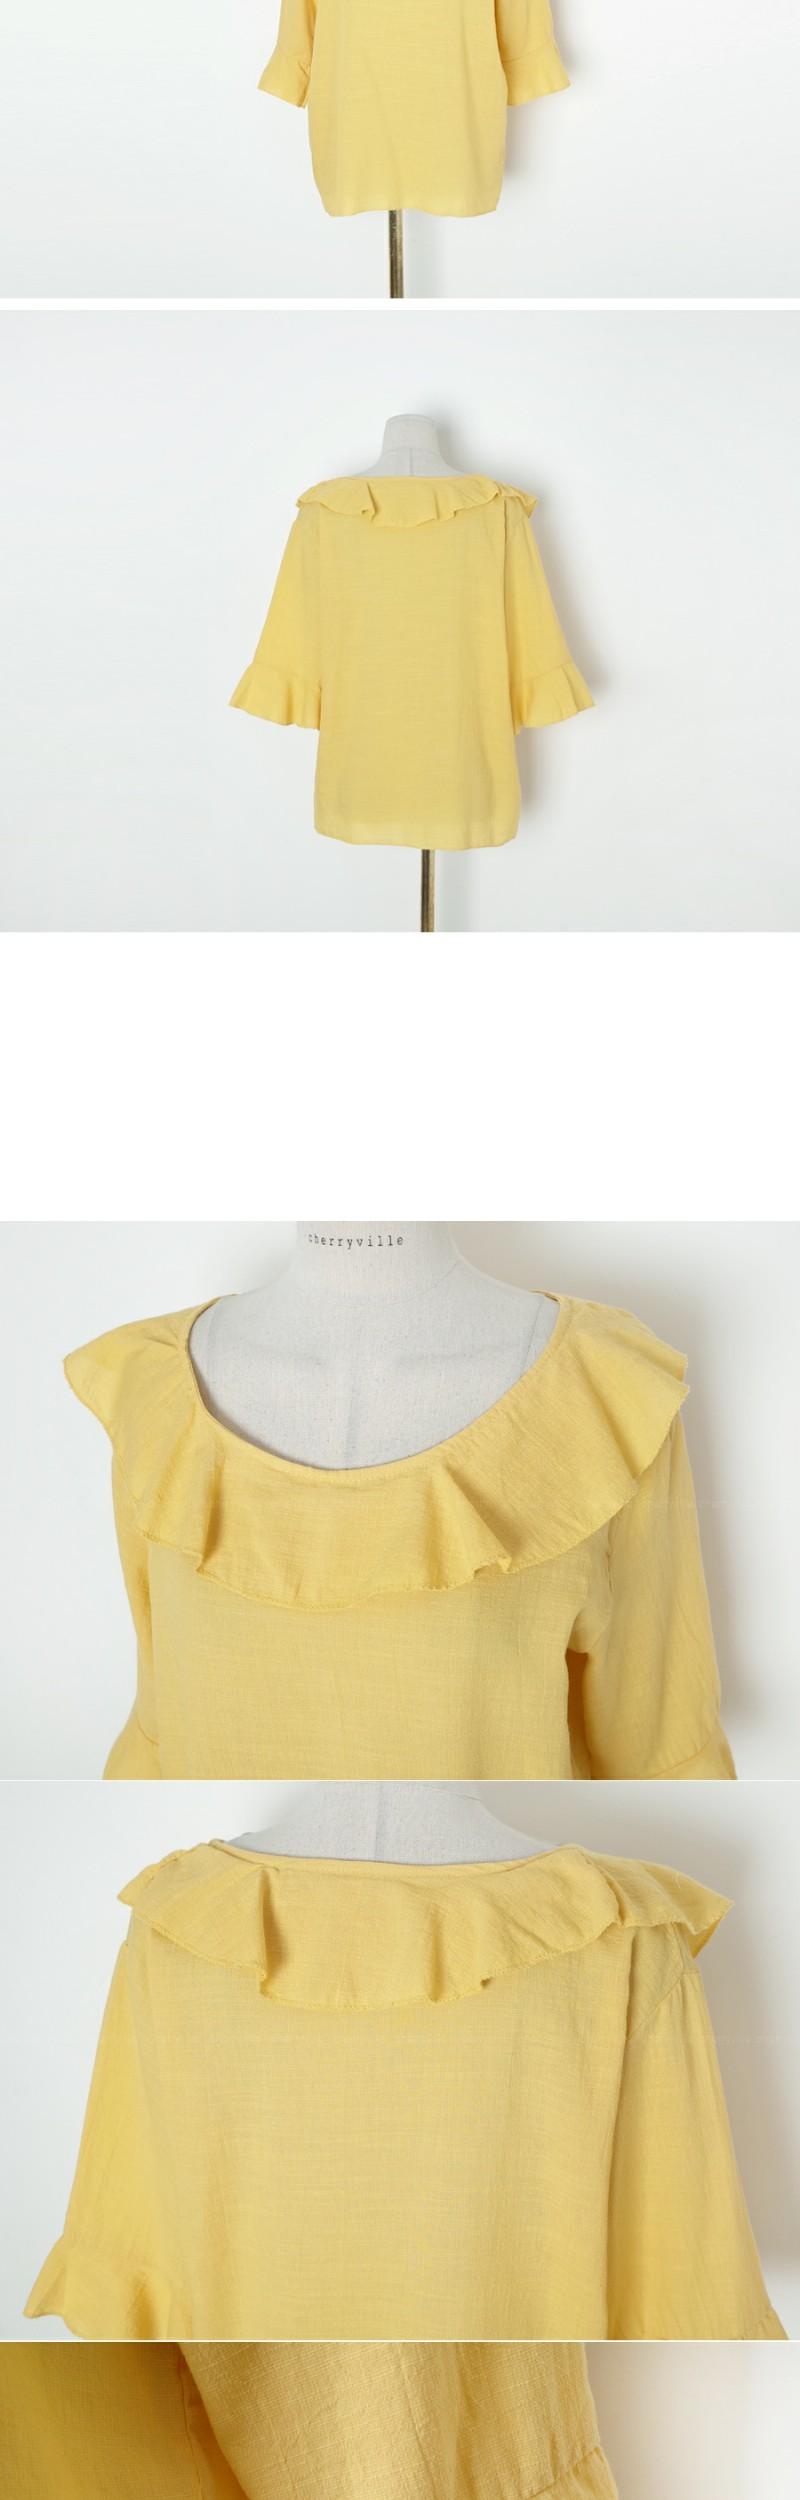 Frill high-grade jersey blouse